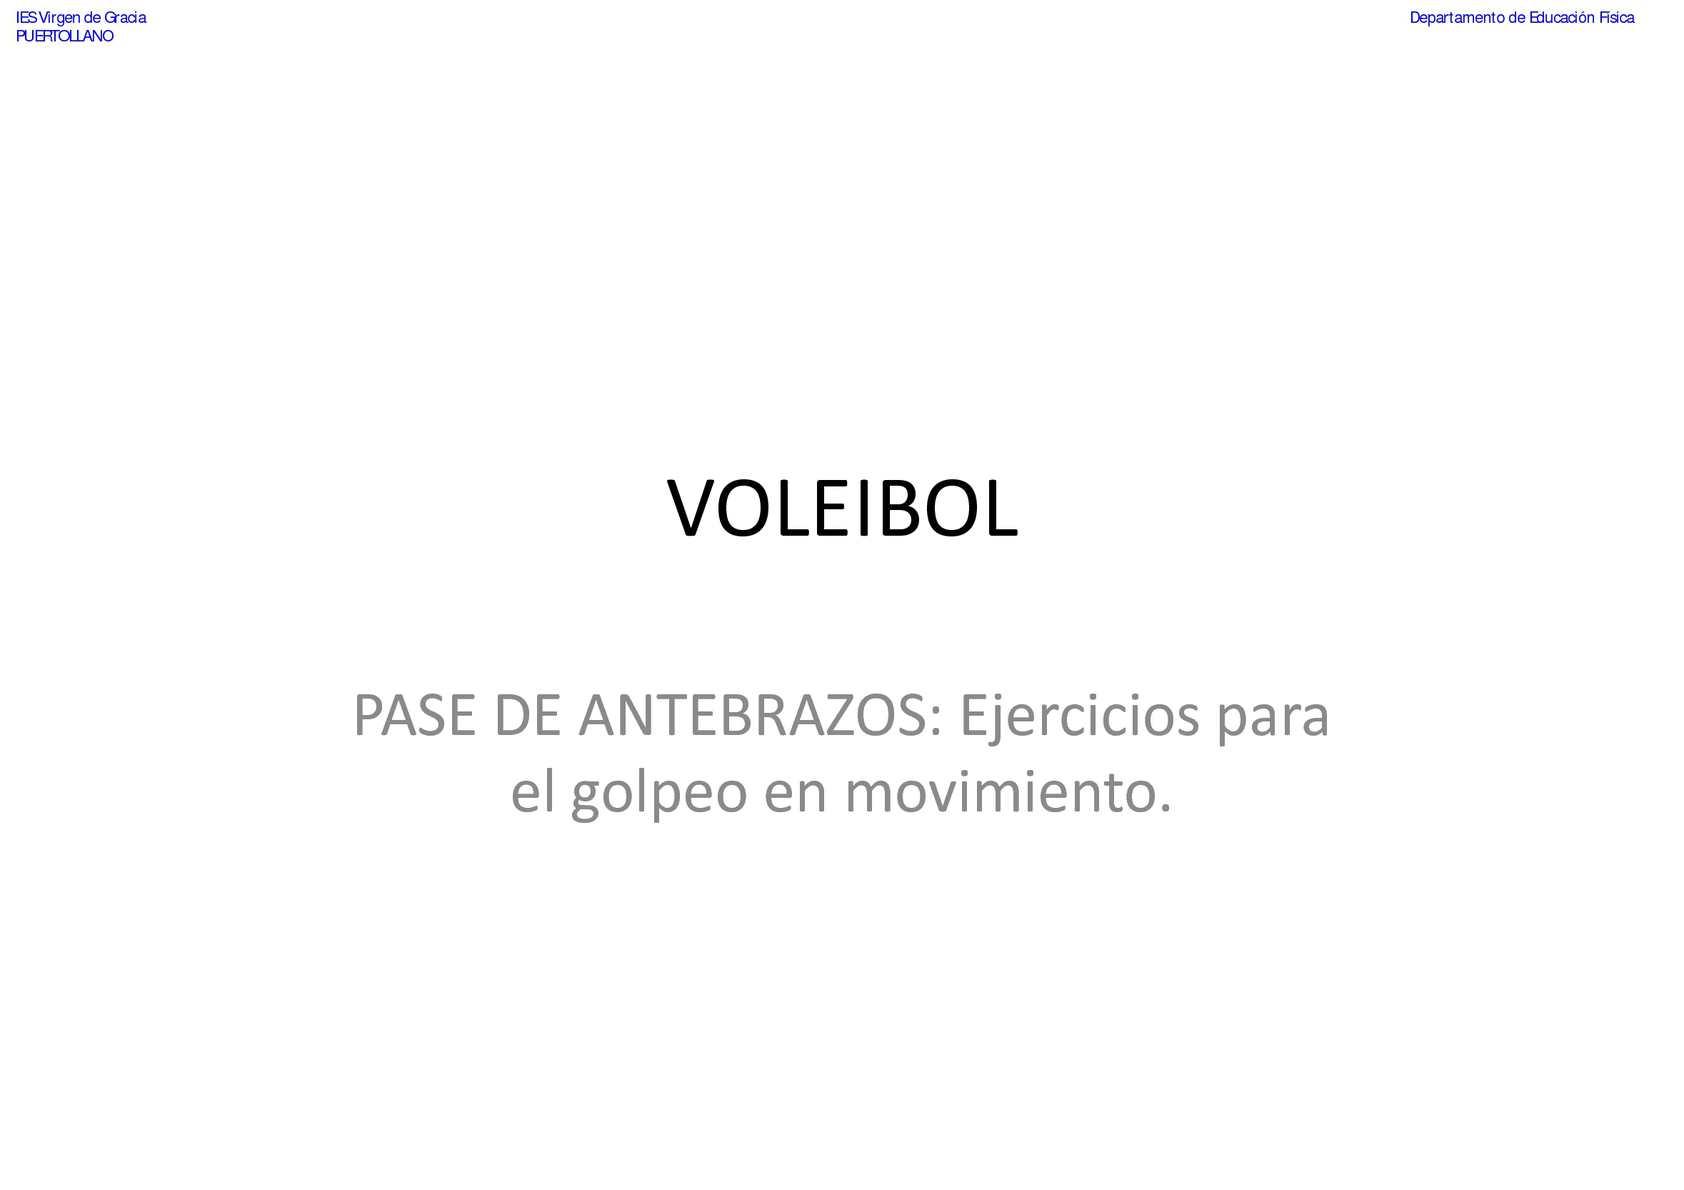 VOLEIBOL - Pase de Antebrazos - Ejercicios para el golpeo en movimiento 1